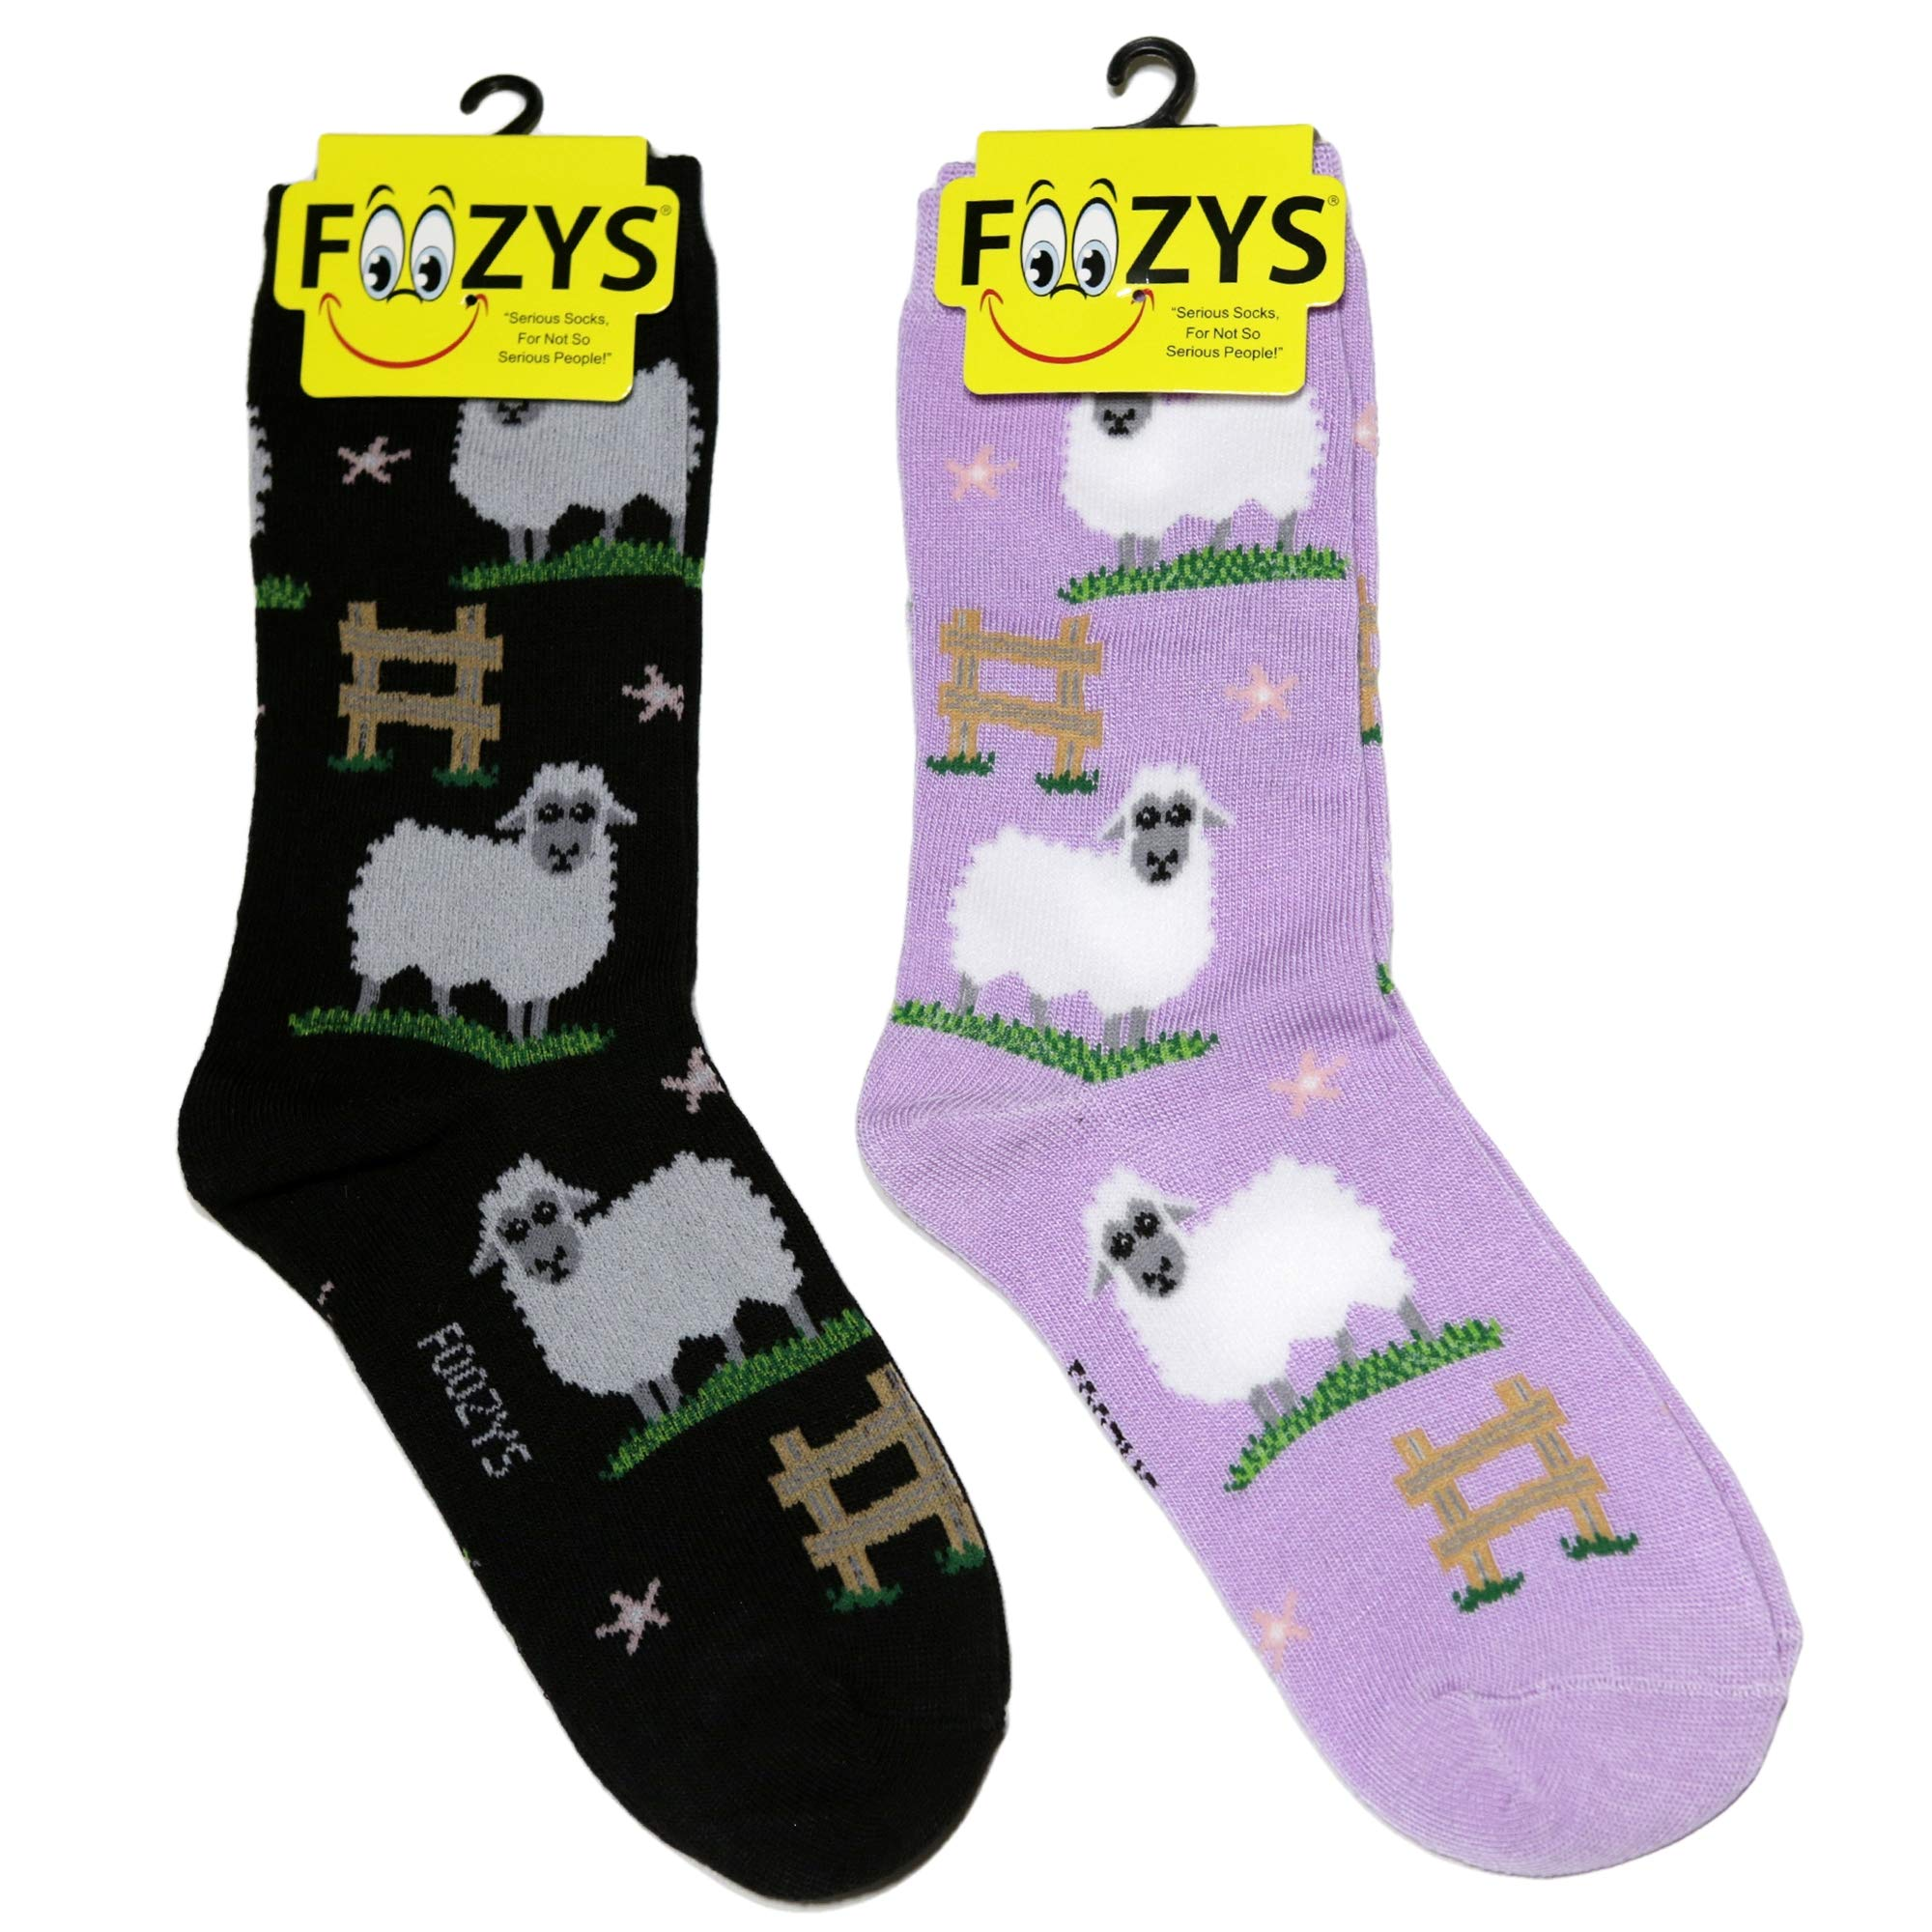 Foozys Women's Crew Socks | Funny Cute Farm Animal Themed Novelty Socks | 2 Pair